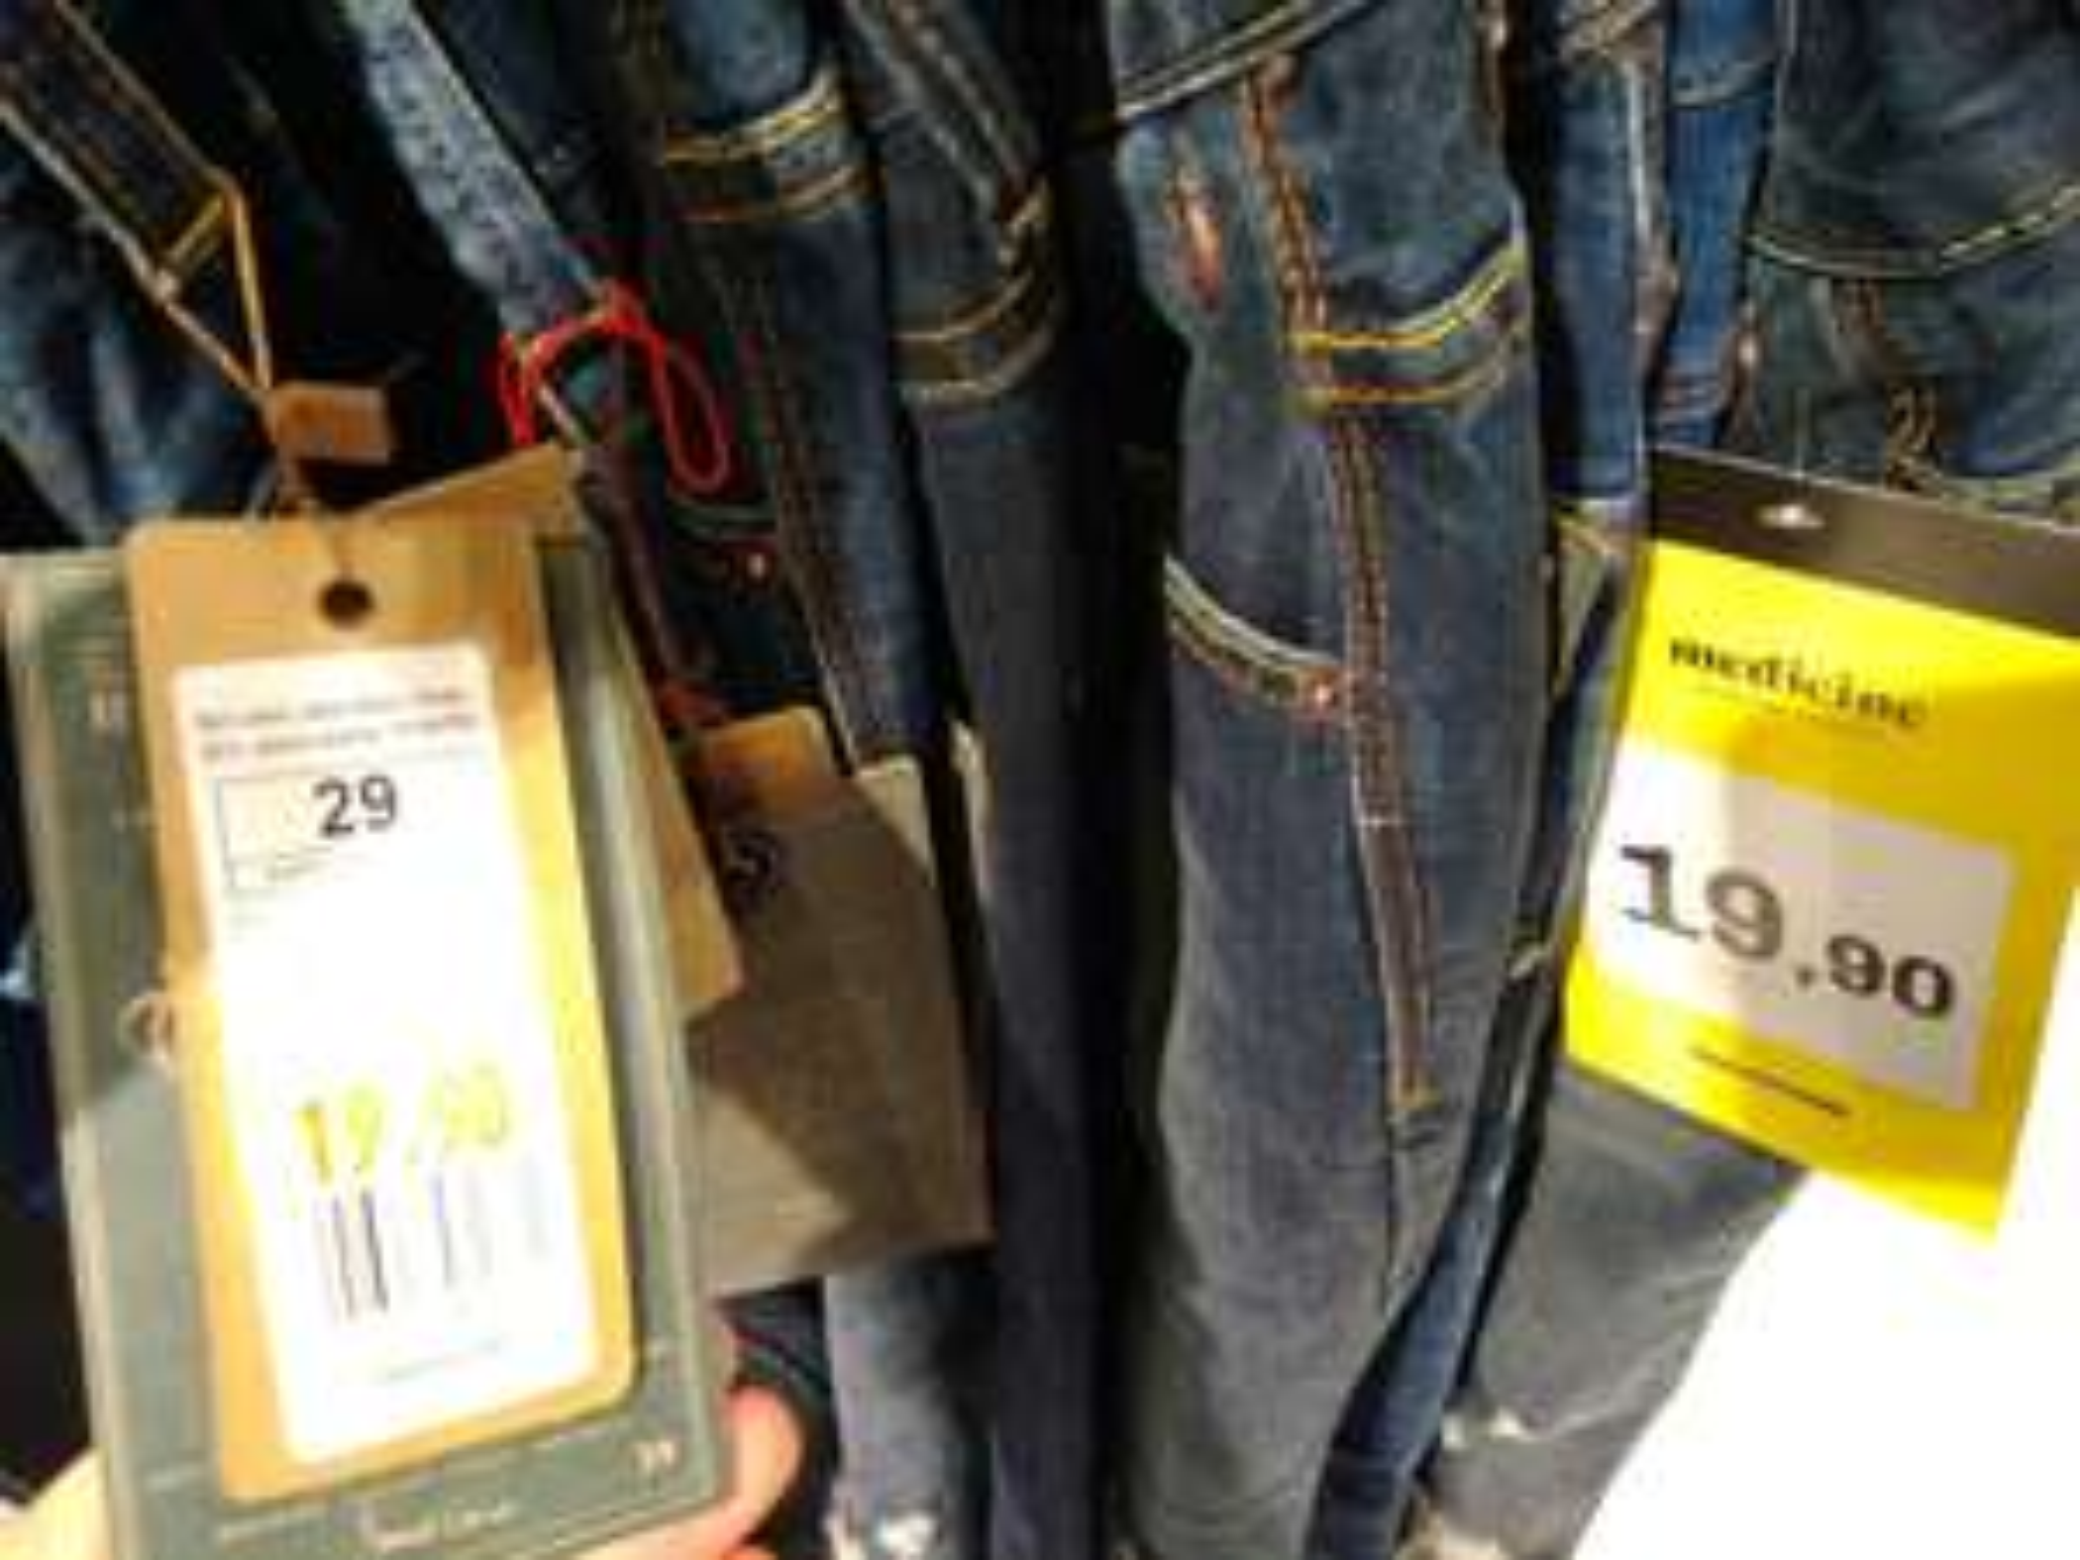 Medicine - spodnie męskie dla szczupłych 20 zł